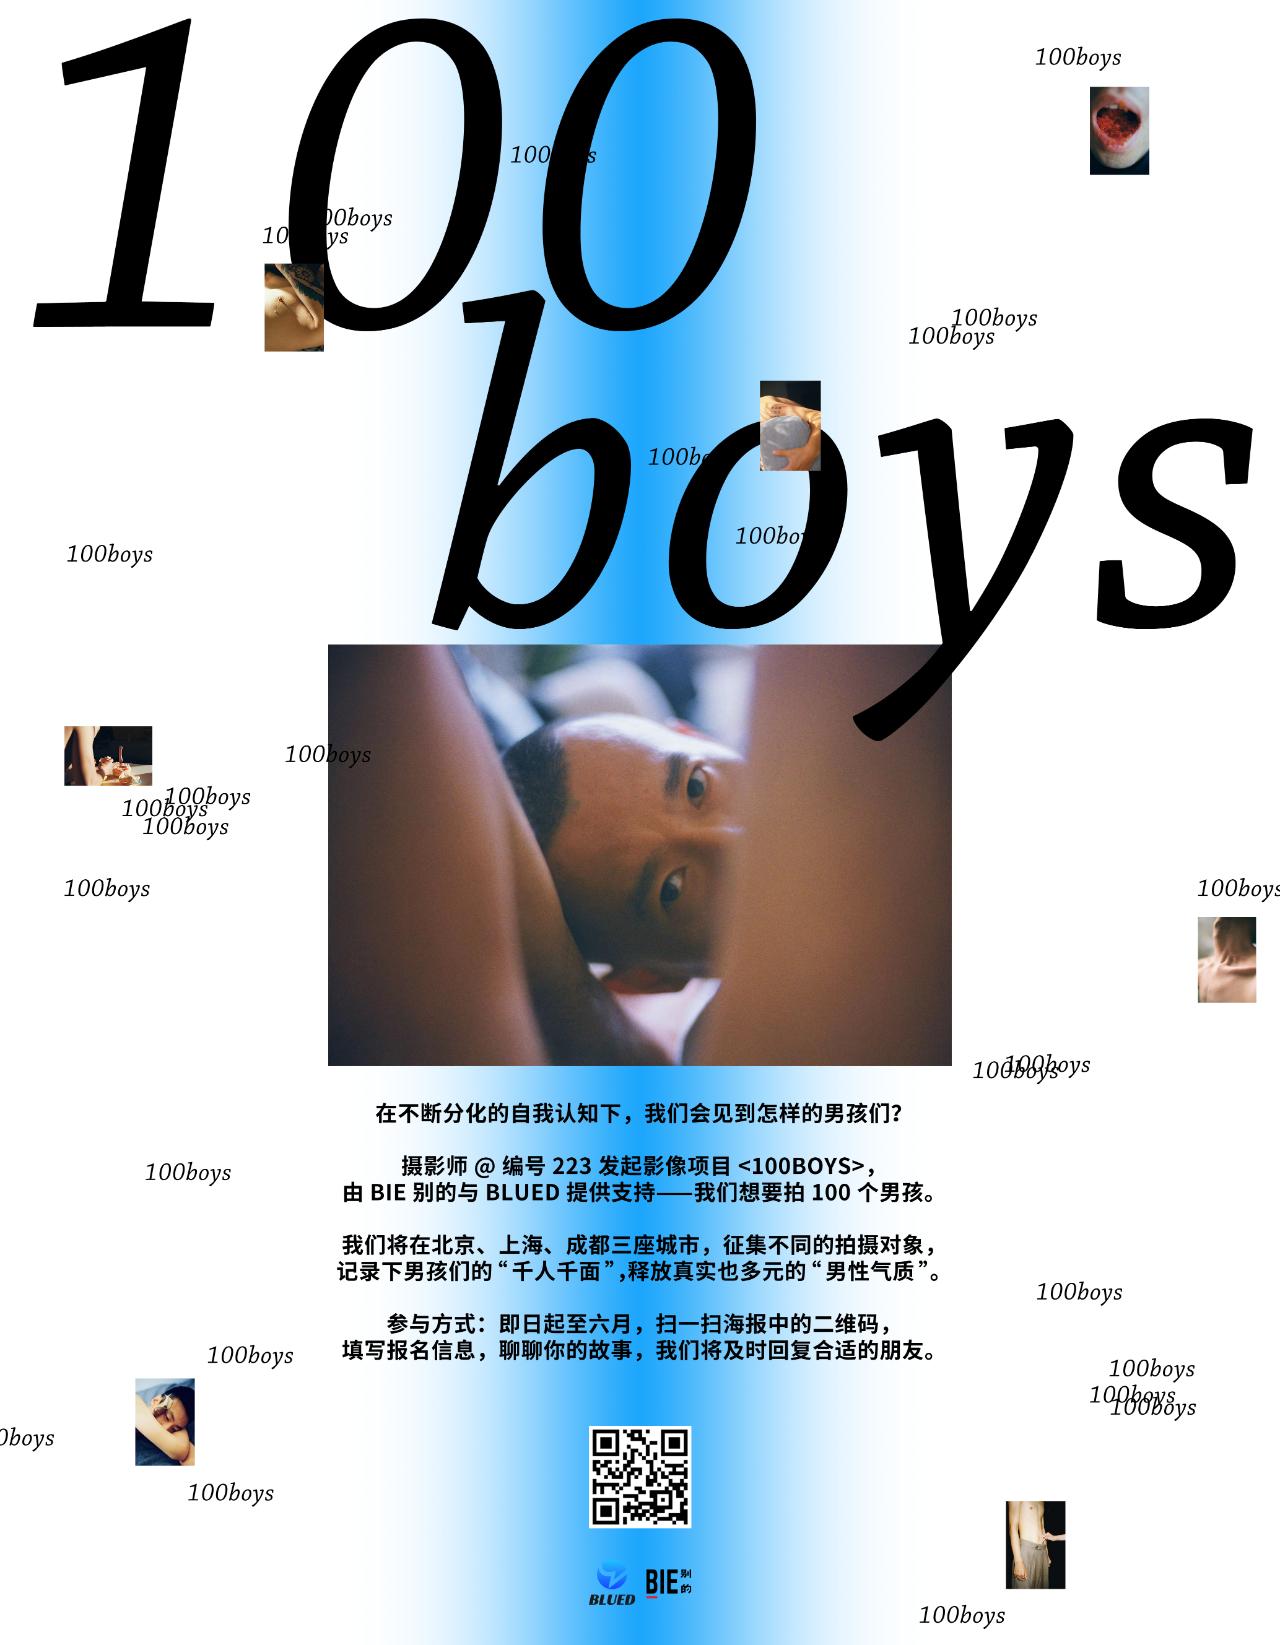 """由BIE别的和BLUED共同呈现并支持,以""""兼性气质""""为探索的出发点,摄影师 @编号223 发起影像项目——想要拍100个男孩。将在北京、上海、成都、广州等城市,征集不同的拍摄对象,记录下男孩们自由而不既定的「千人千面」。征集时间将持续到6月。 详情请关注BIE别的微信公众号"""